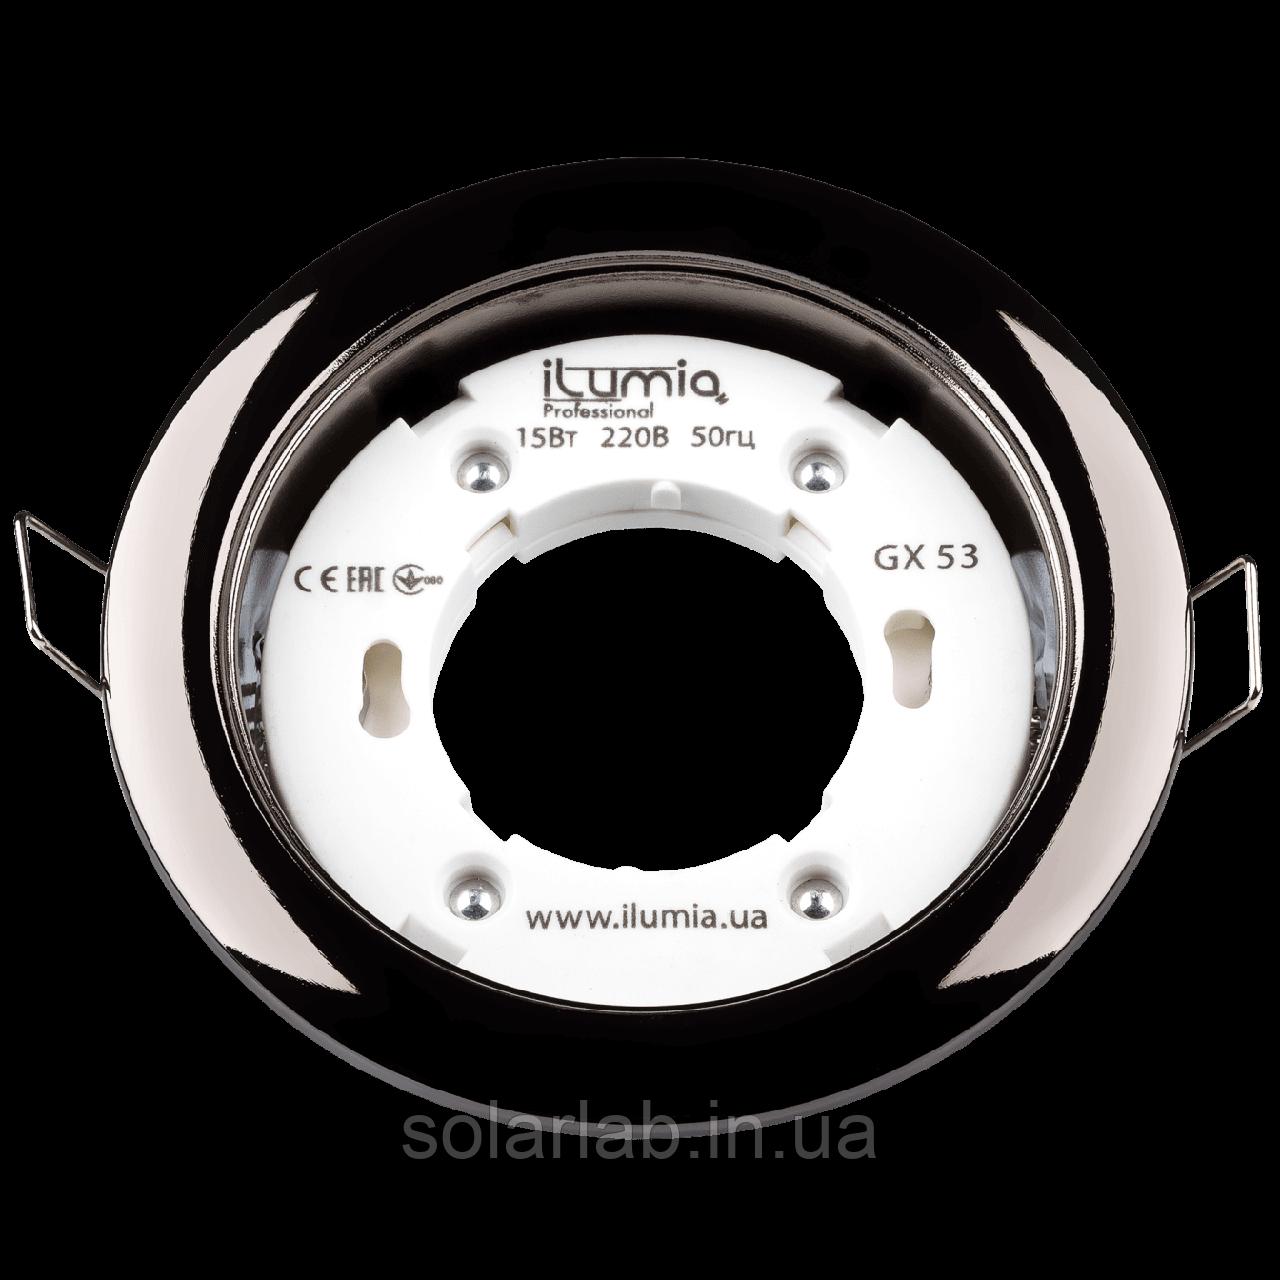 Встраиваемый светильник Ilumia под лампу GX53, Черный, 105мм (050)